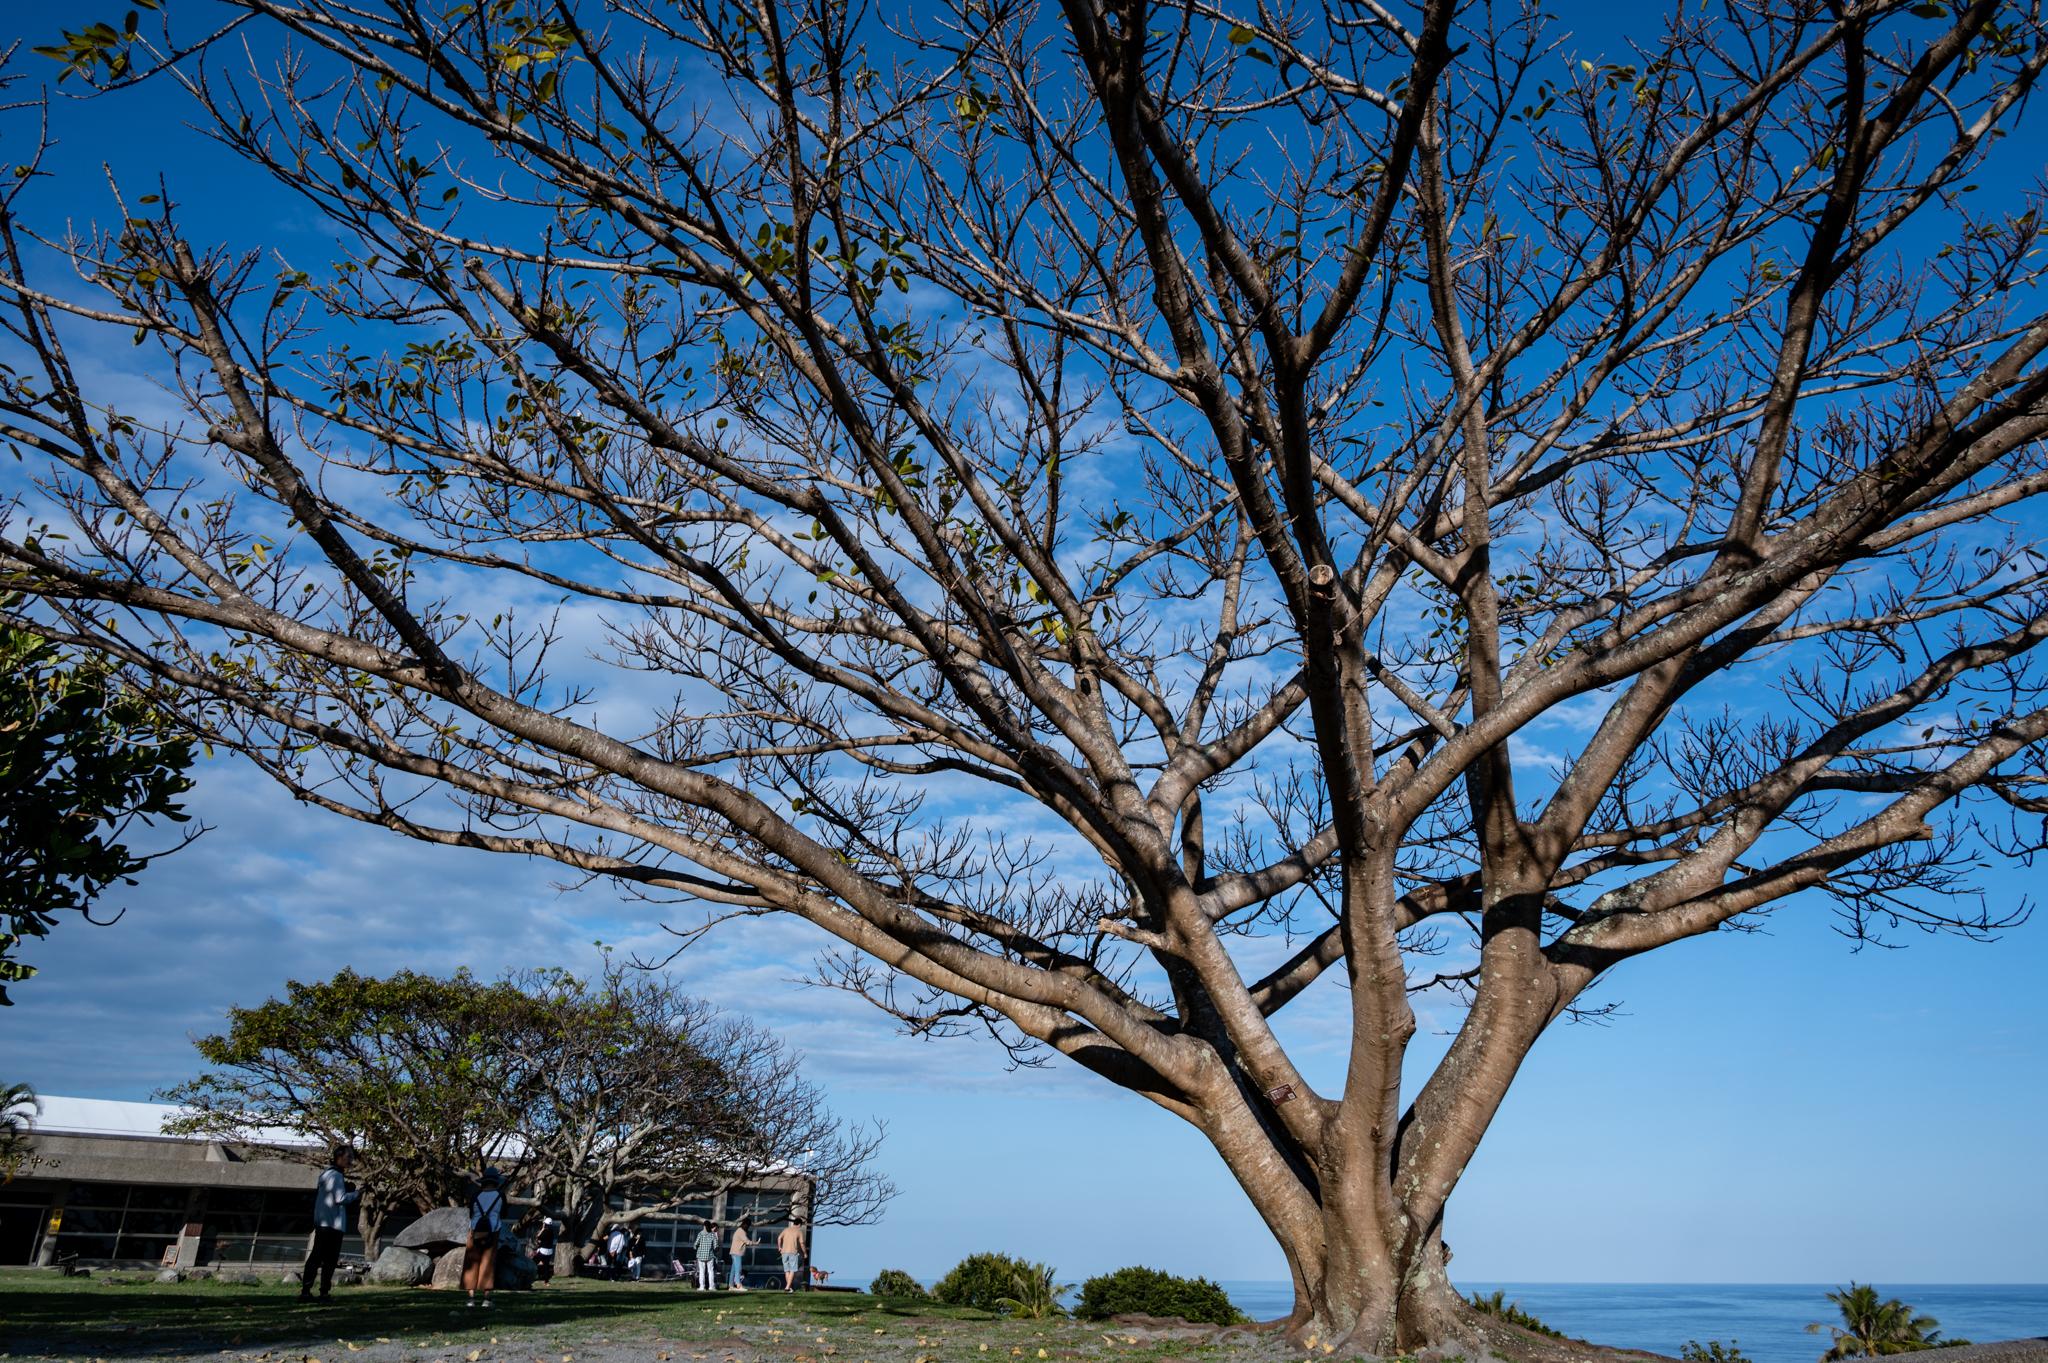 2021-02-06 農曆年前出遊 - 東部海岸國家風景區管